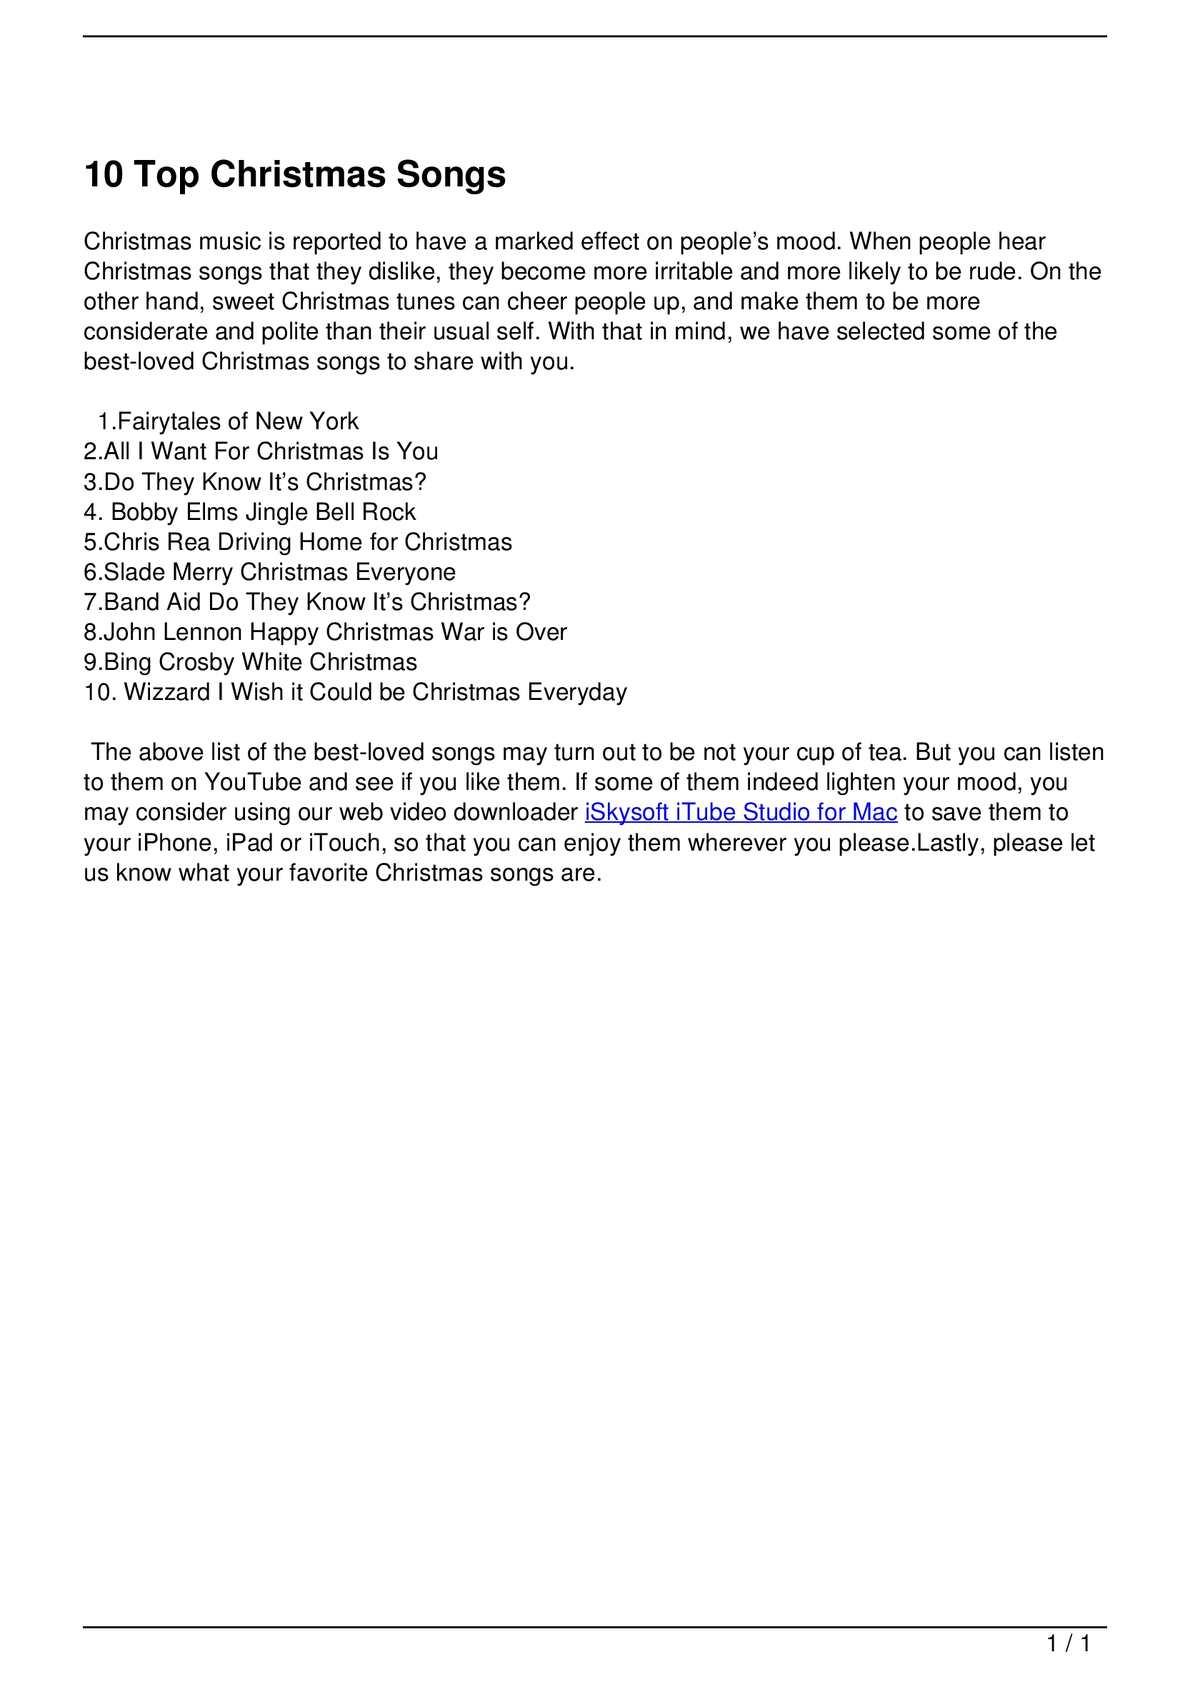 Calaméo - 10_Top_Christmas_Songs